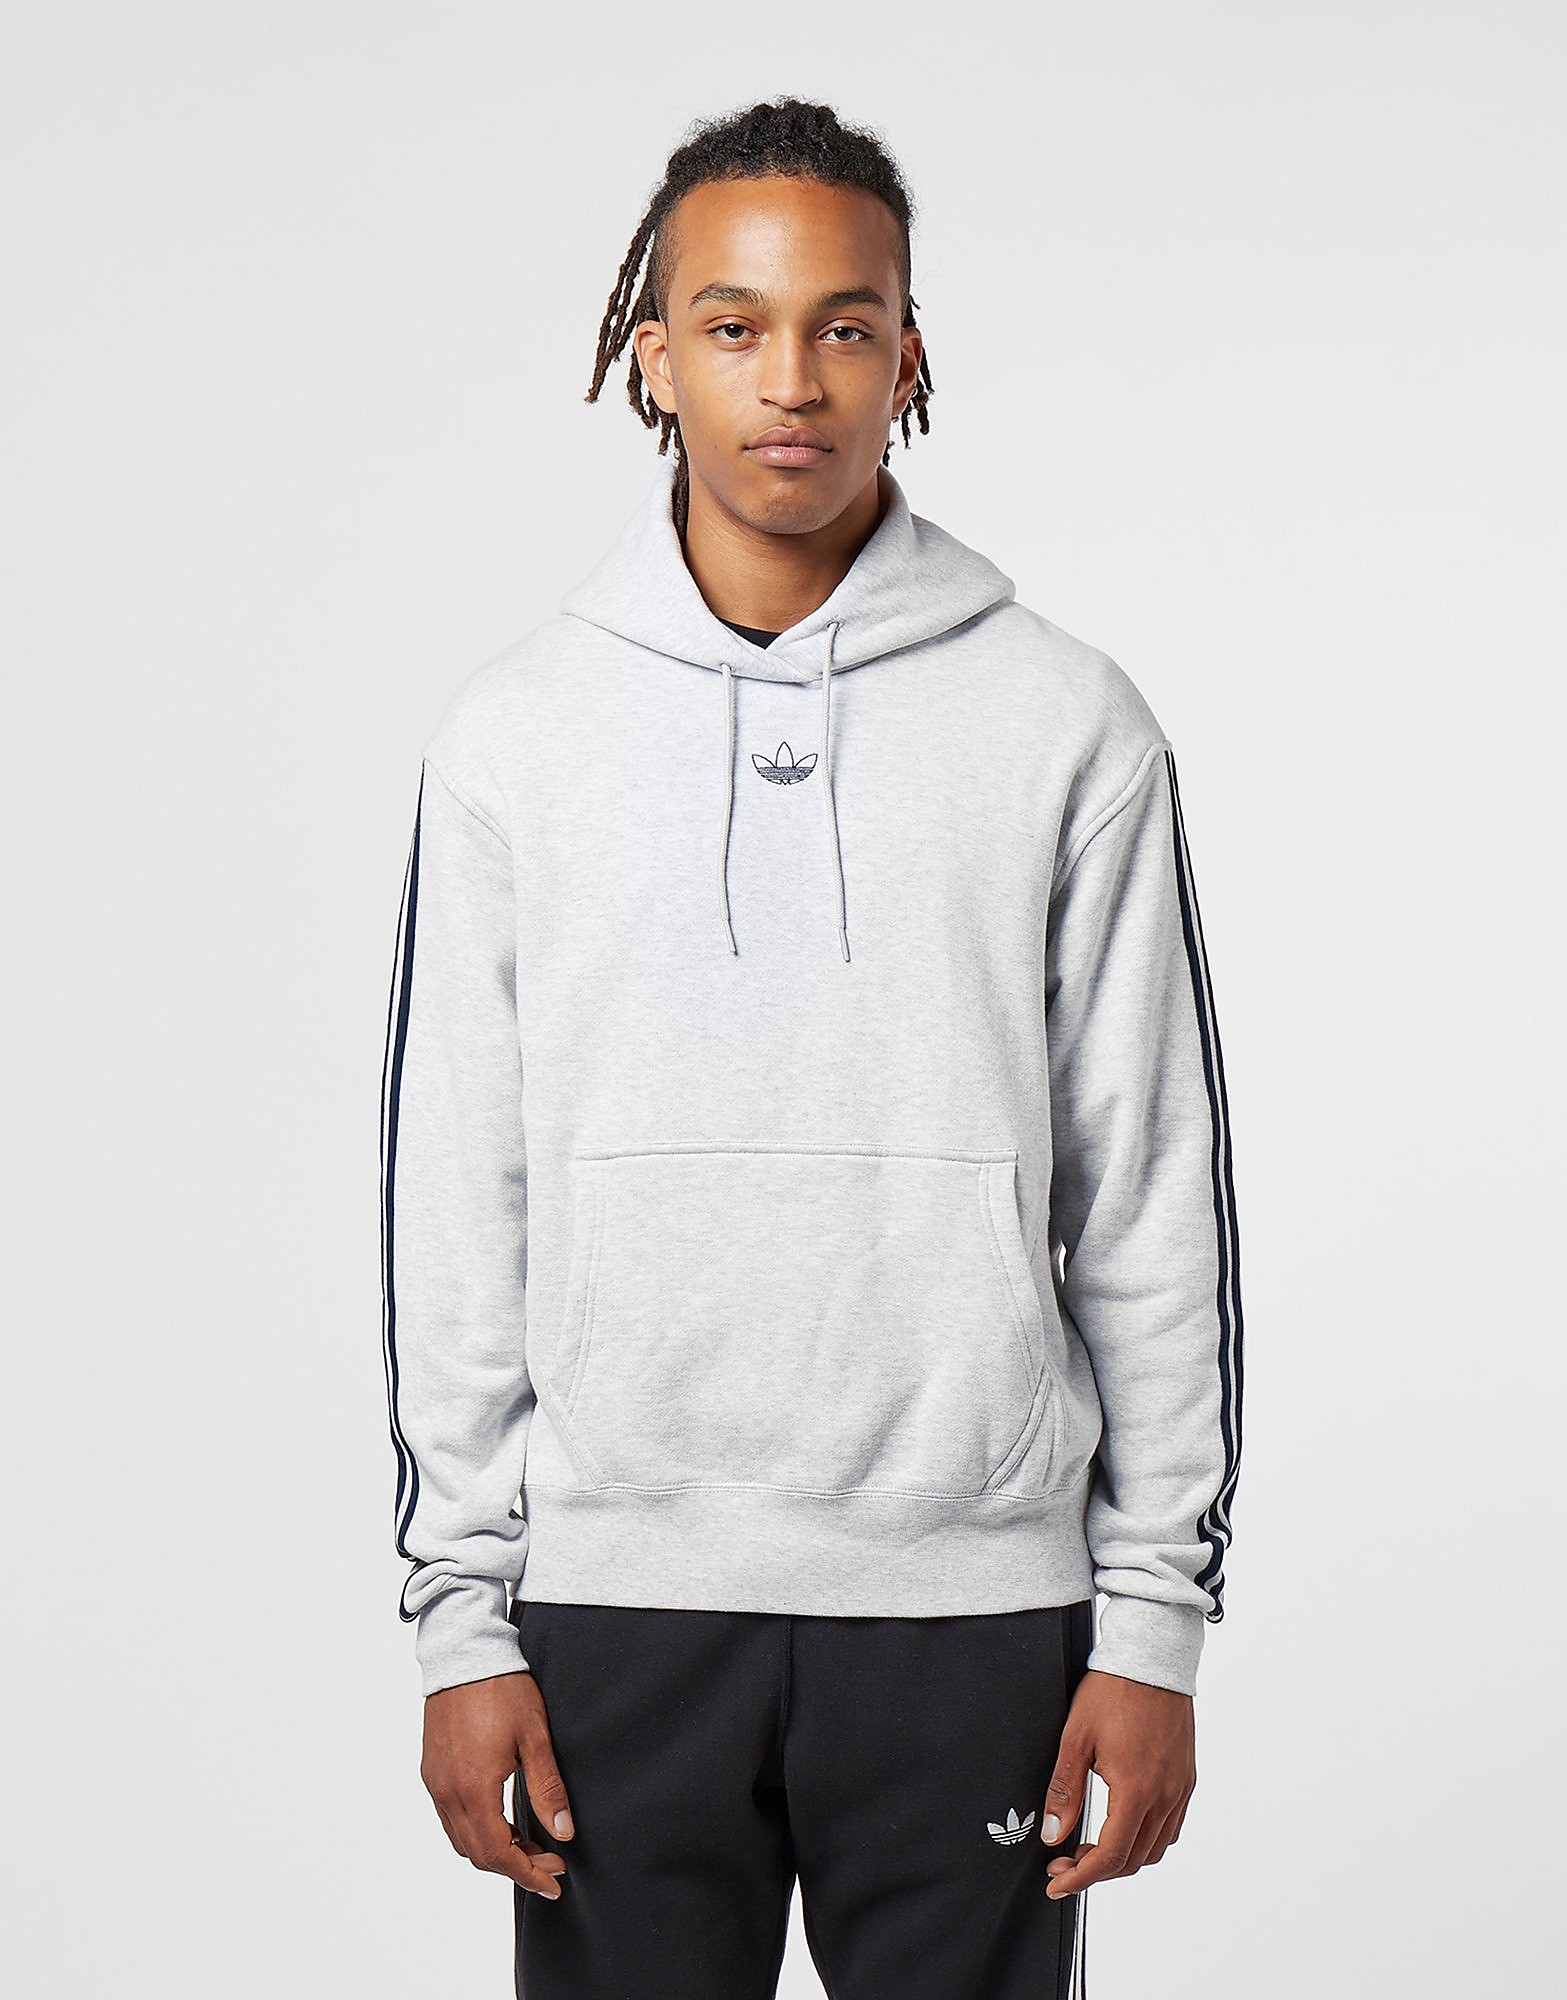 adidas Originals Bball Overhead Hoodie